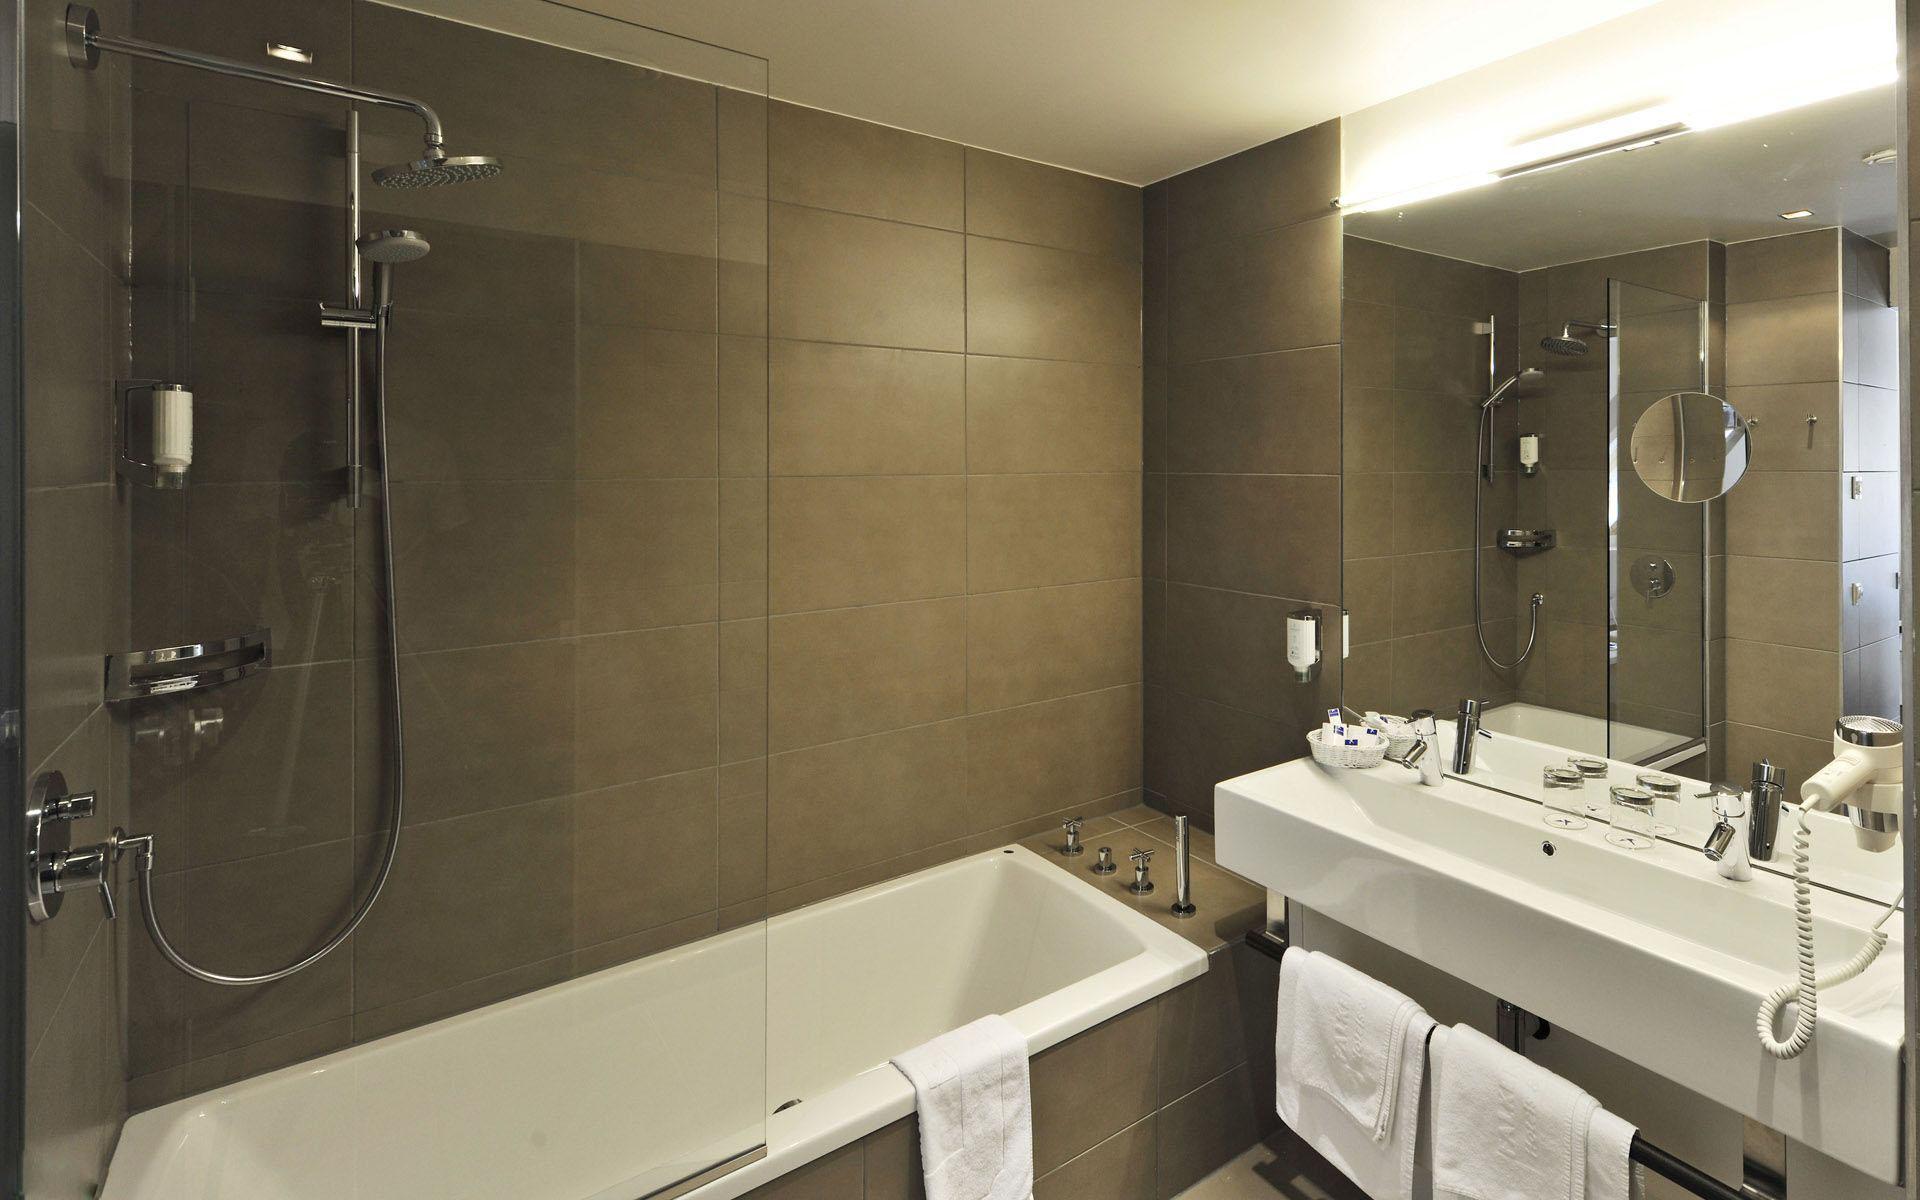 浴室作为居室中水流量较大的区域,除了上下水通道需要特别注意之外,卫浴间的防水工作也要格外谨慎。如今市场上防水材料越来越多,如果选用的防水材料不合格或施工不规范,两三年内就会出现渗漏,影响到我们的正常生活。那么,关于卫浴室(如何选择浴室门)的防水,我们需要注意哪些方面呢?